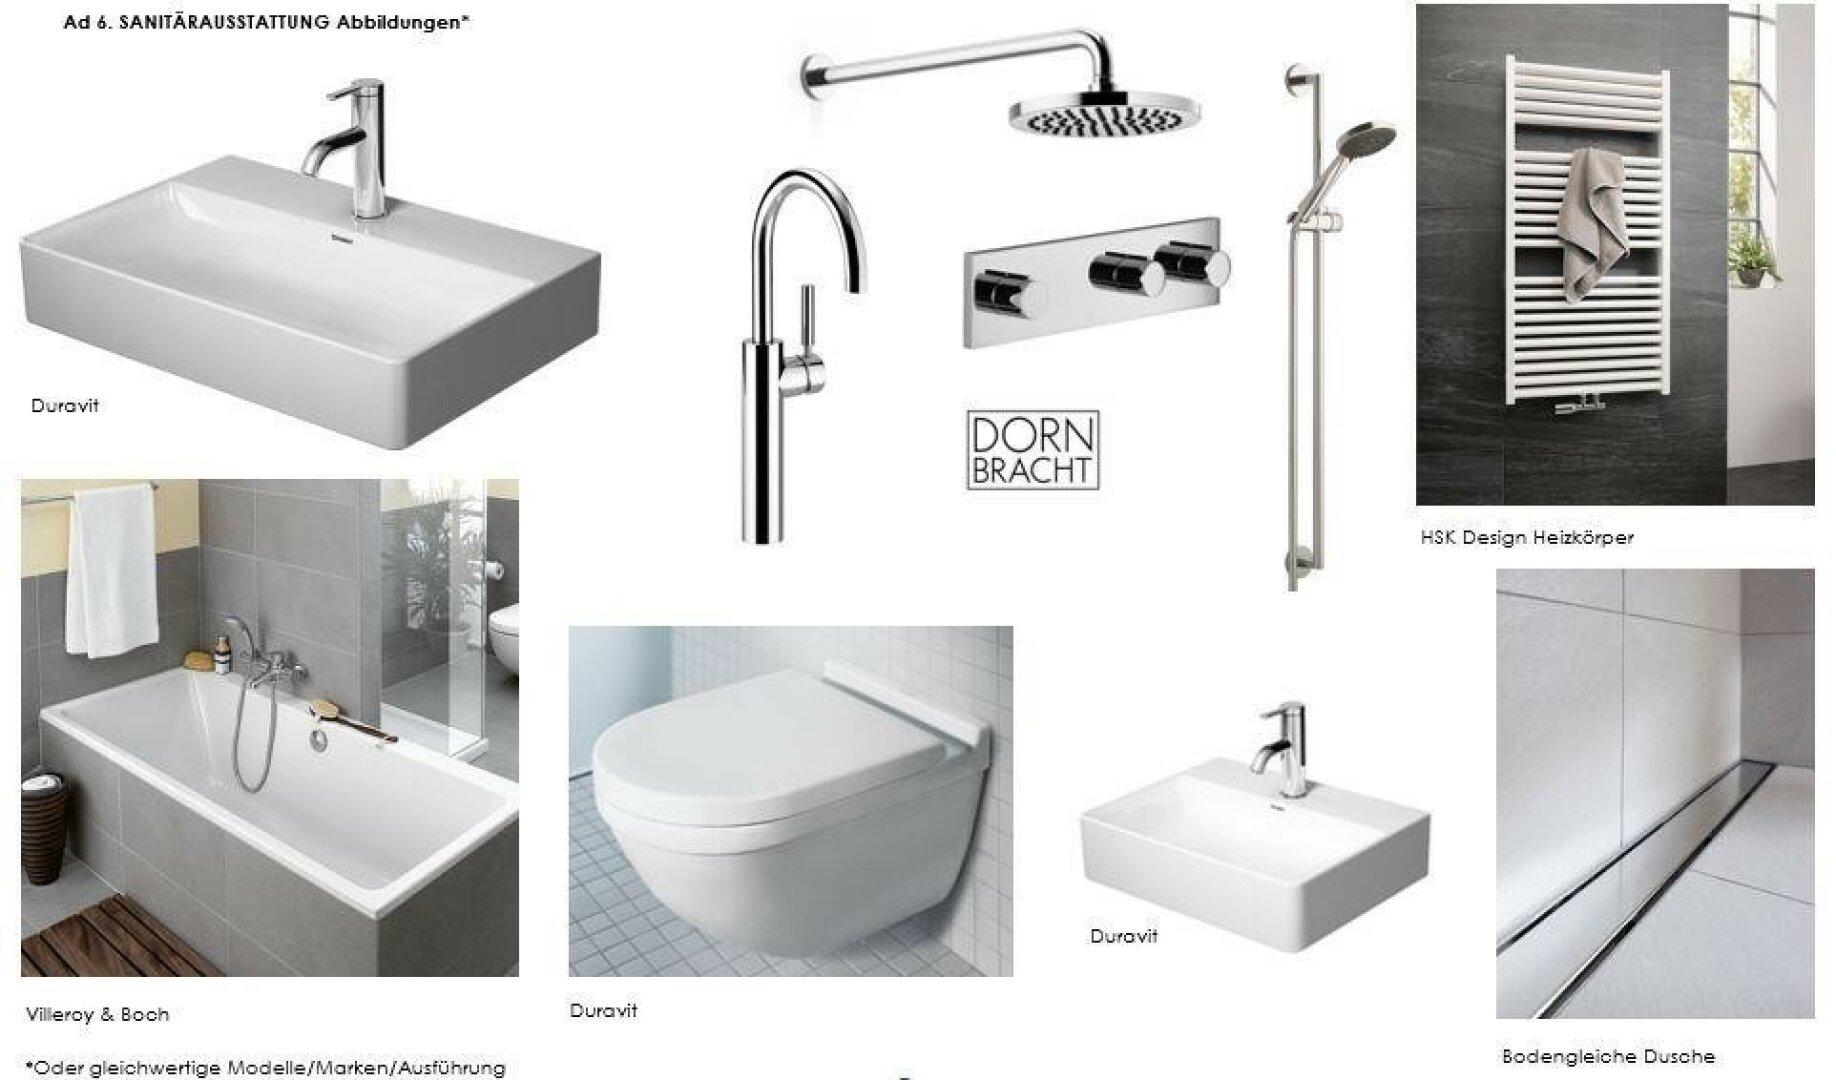 Hochwertige Sanitärausstattung